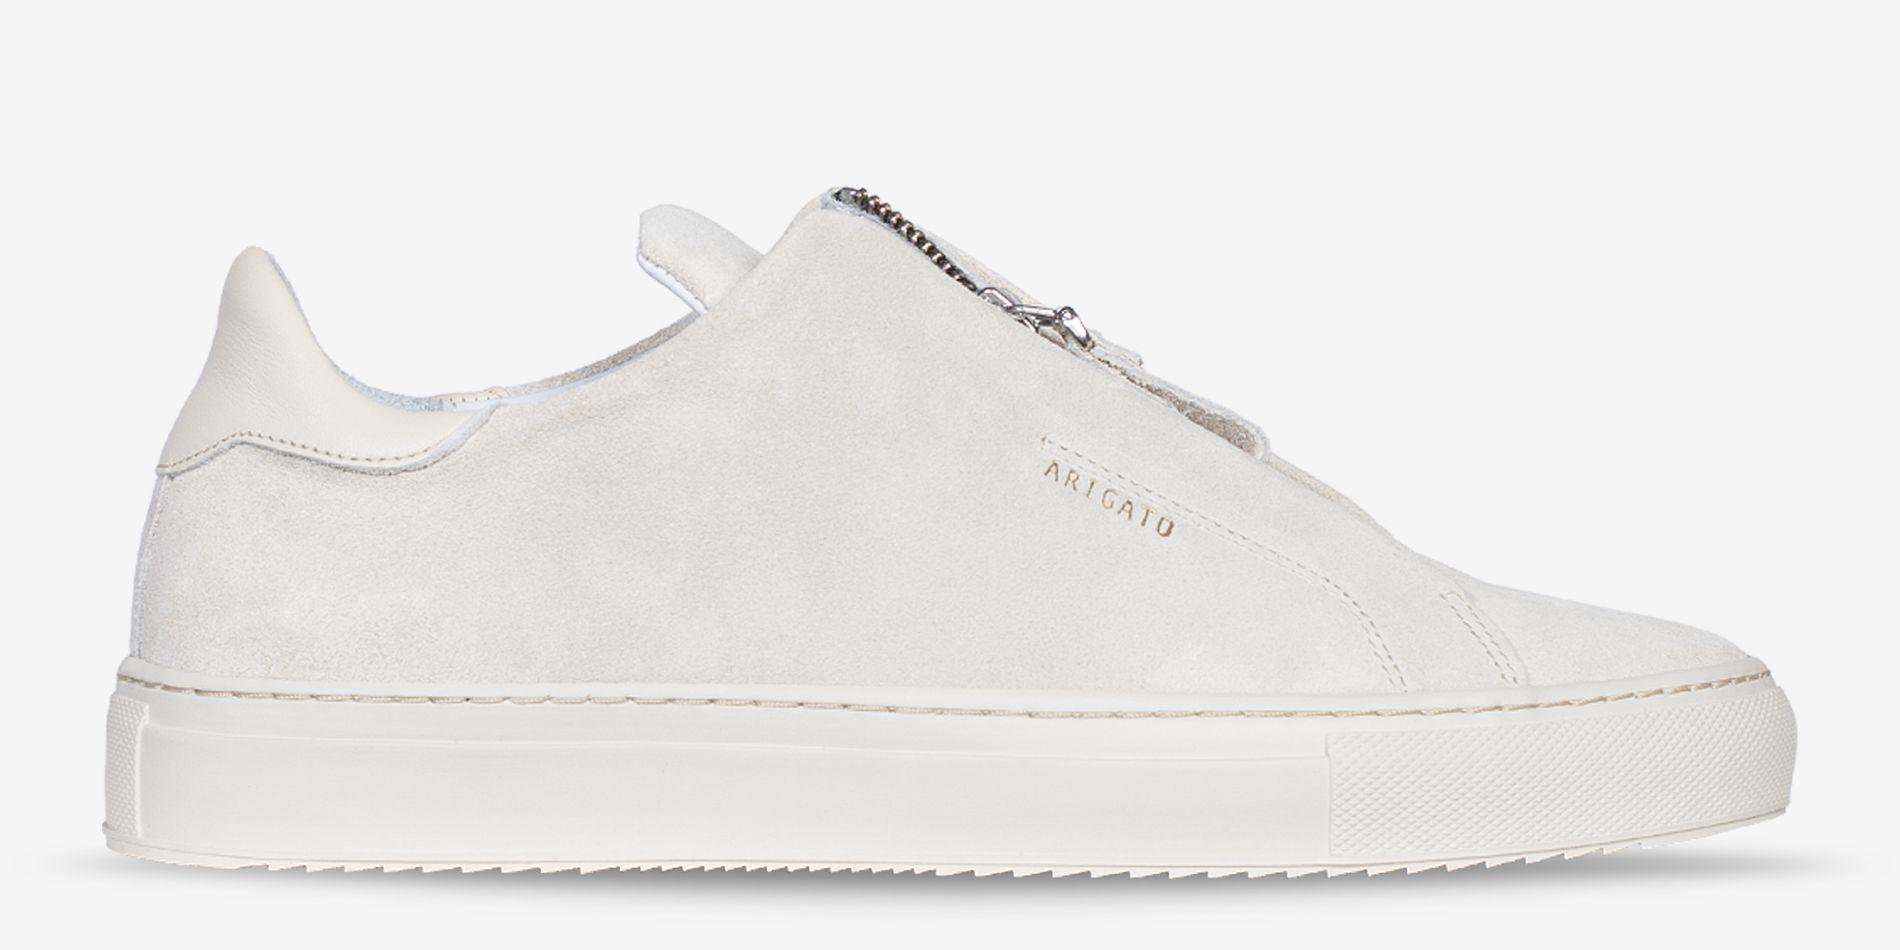 AXEL ARIGATO - Clean 90 Zip Sneaker